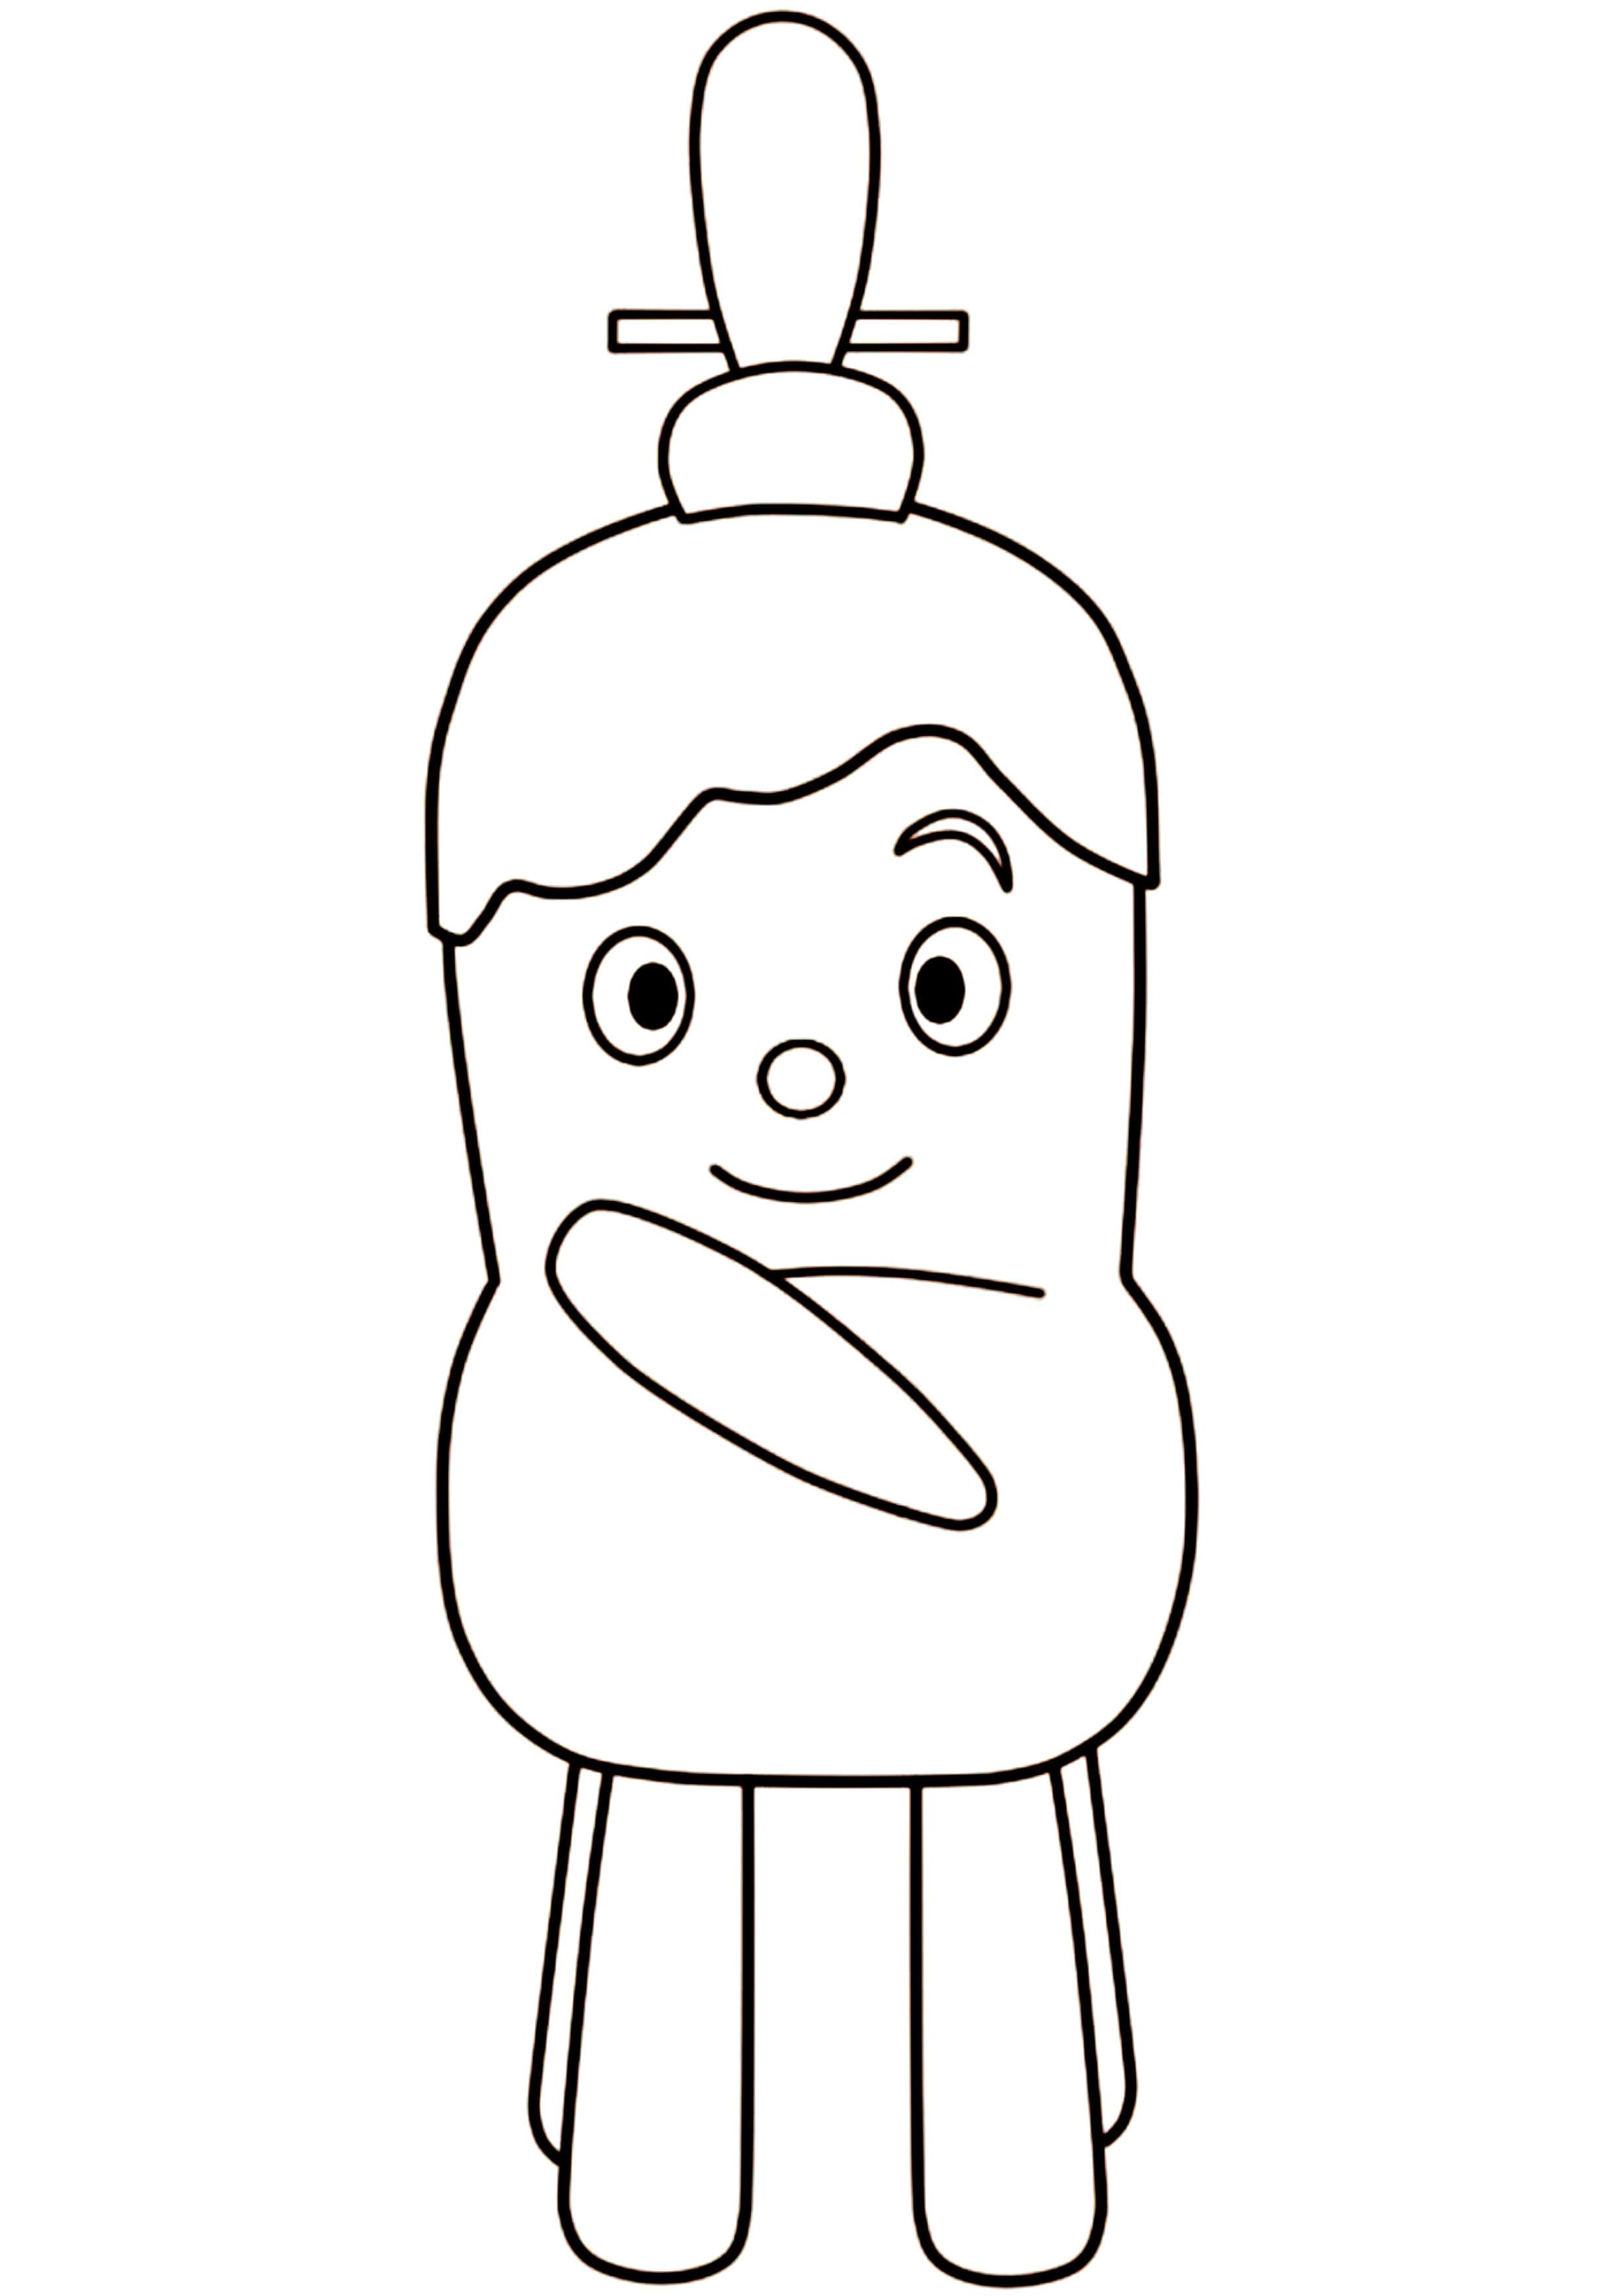 イスのまちのコッシー風ぬりえをひな祭り仕様 印刷用雛人形イラスト